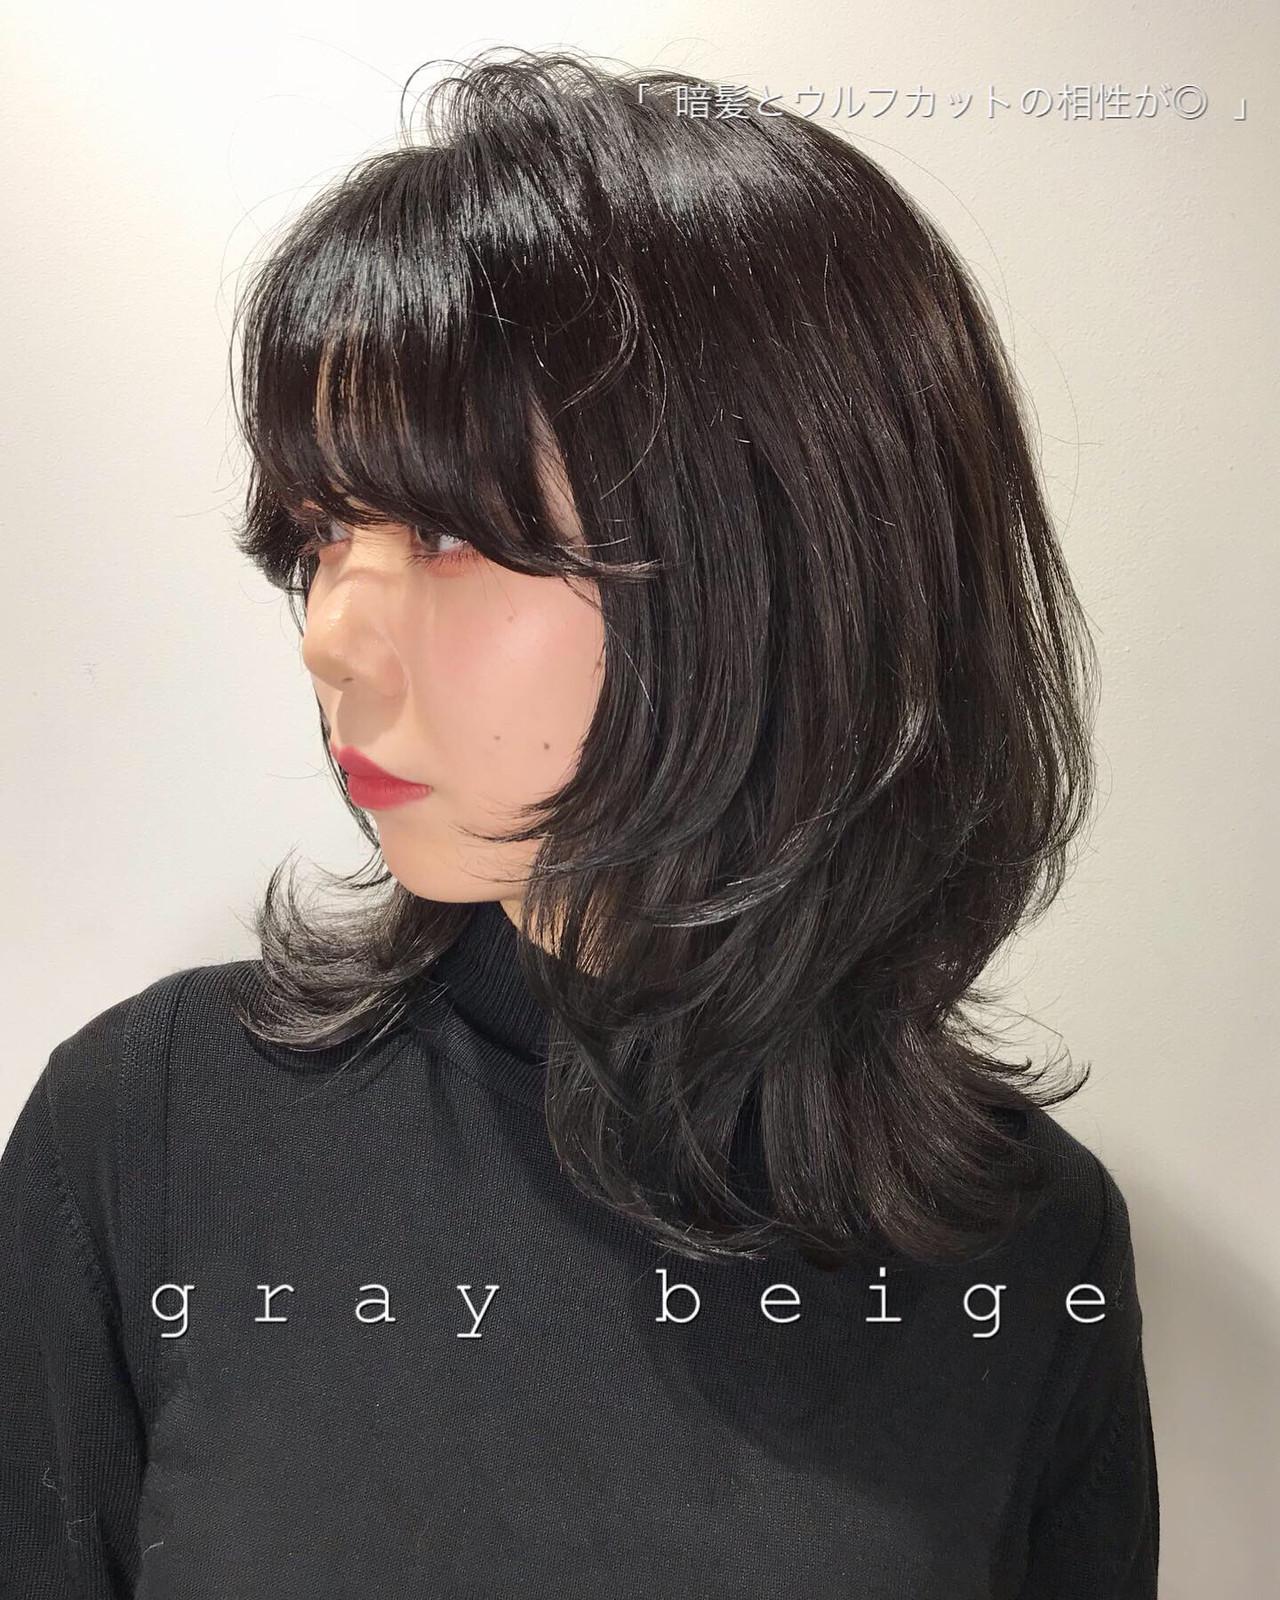 ナチュラル オフィス ミディアム レイヤーカット ヘアスタイルや髪型の写真・画像